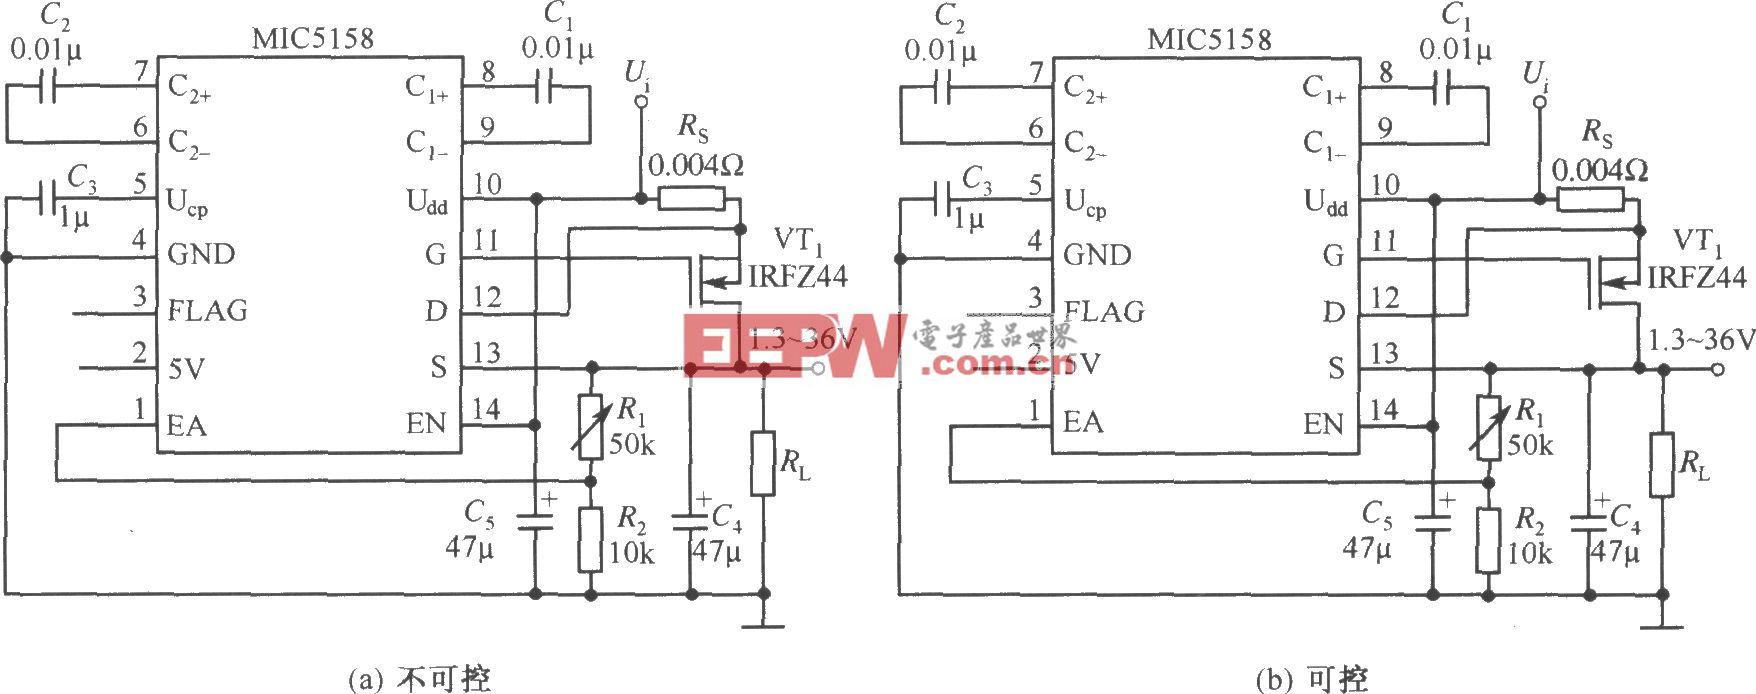 MIC5158构成的输出电压可调的线性稳压器电路